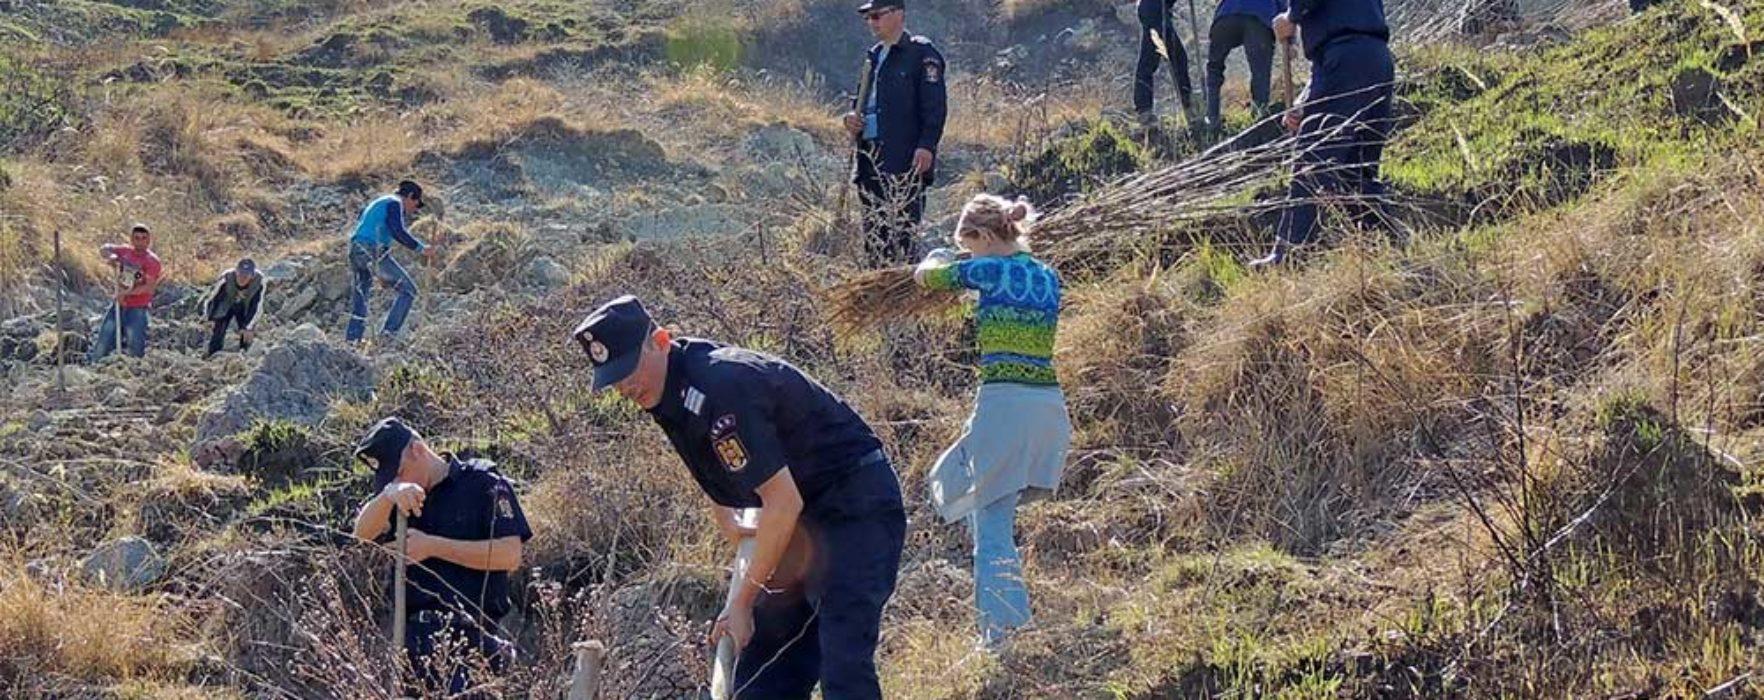 Dâmboviţa: Cadrele ISU au plantat sute de puieţi de salcâm într-o zonă afectată de alunecări de teren